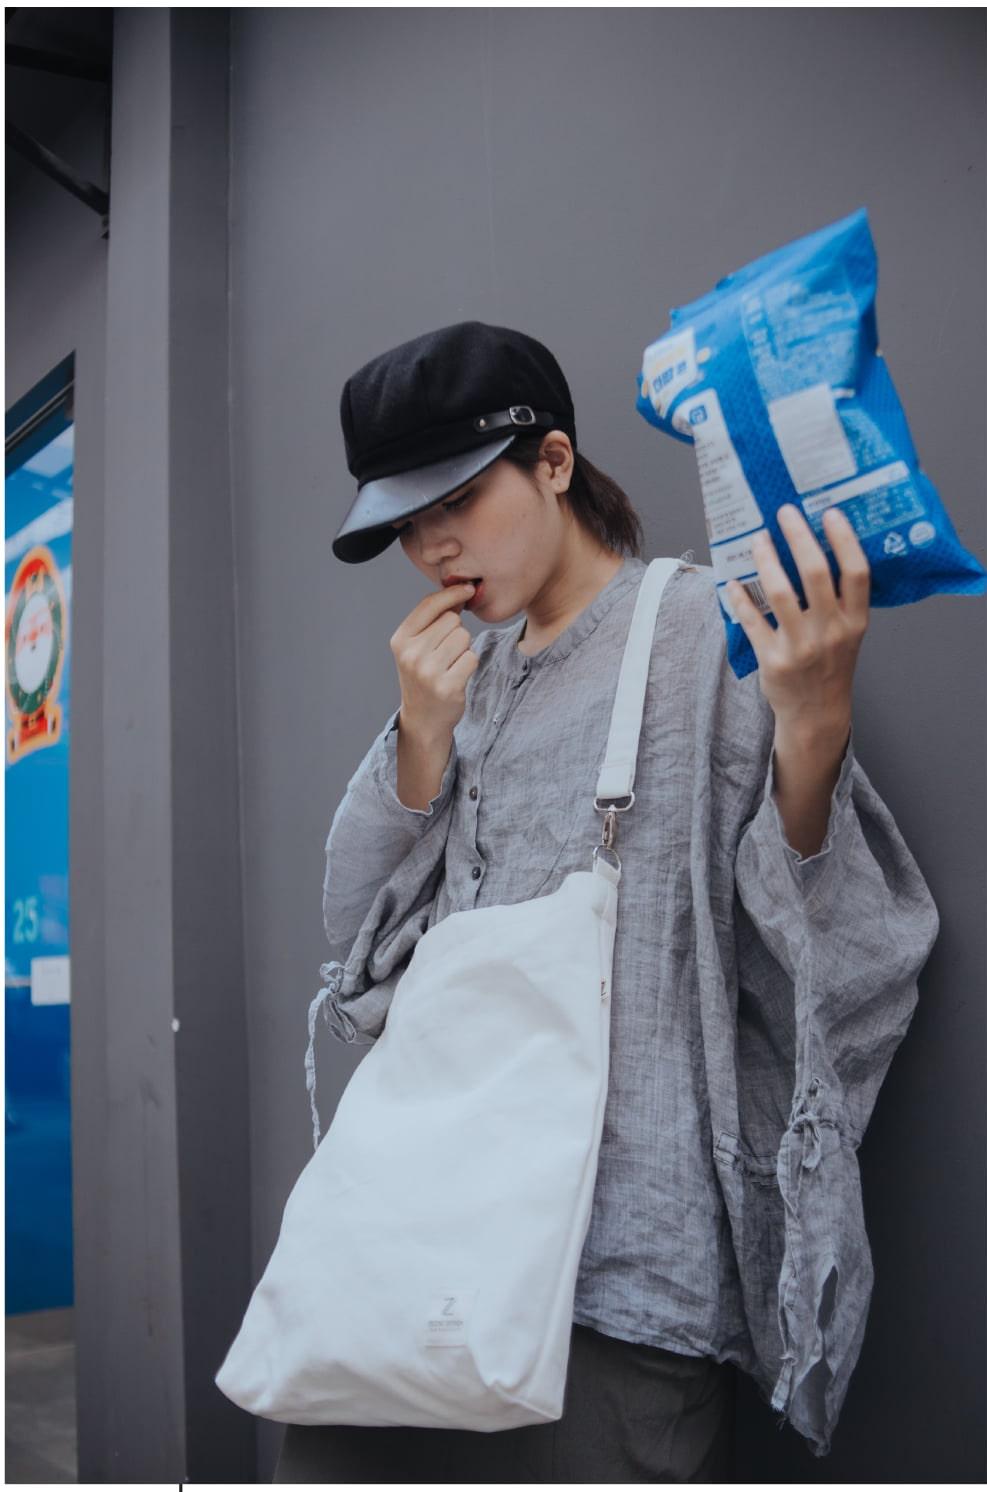 Túi tote canvas màu đen, màu trắng với thiết kế thông minh và tiện dụng và bắt mắt với hình in bắt mắt mang đến sự thẩm mỹ cao